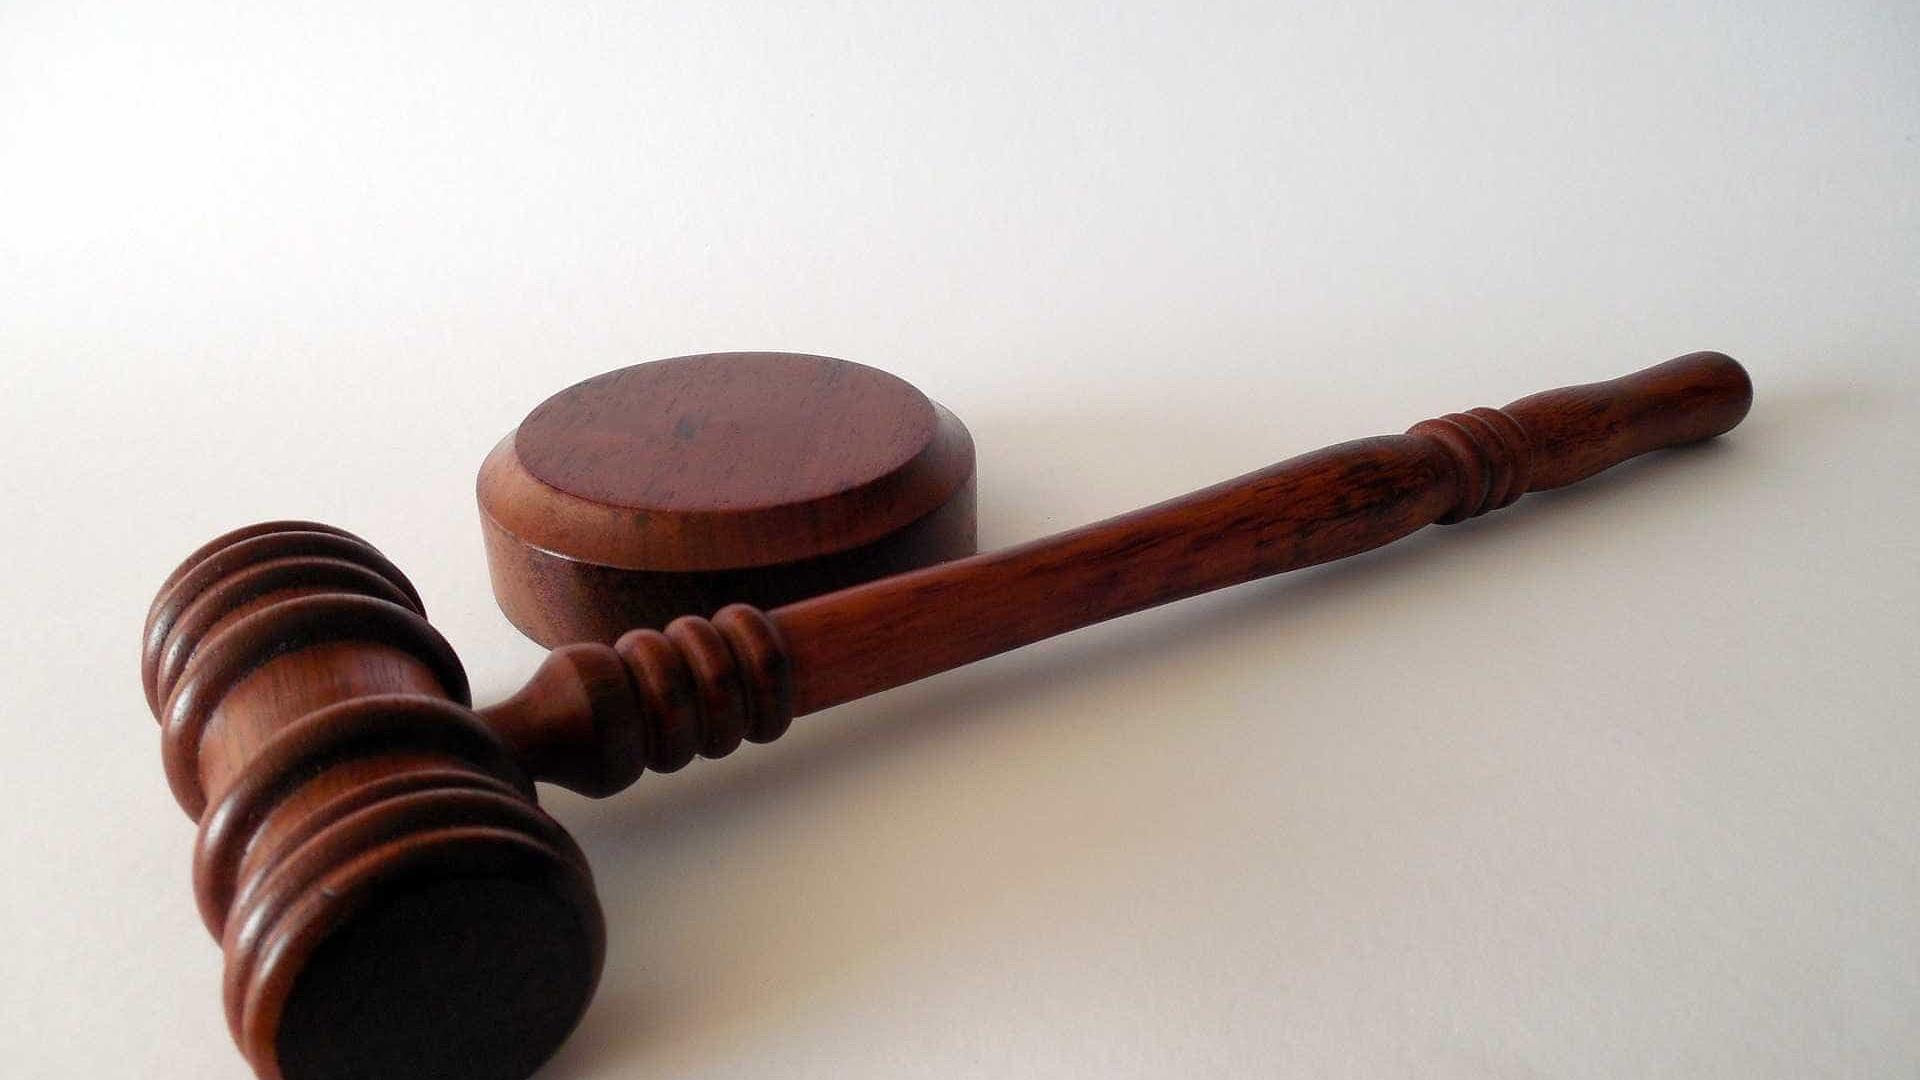 Ex-contabilista da AMPorto que desviou dinheiro condenado a pena suspensa